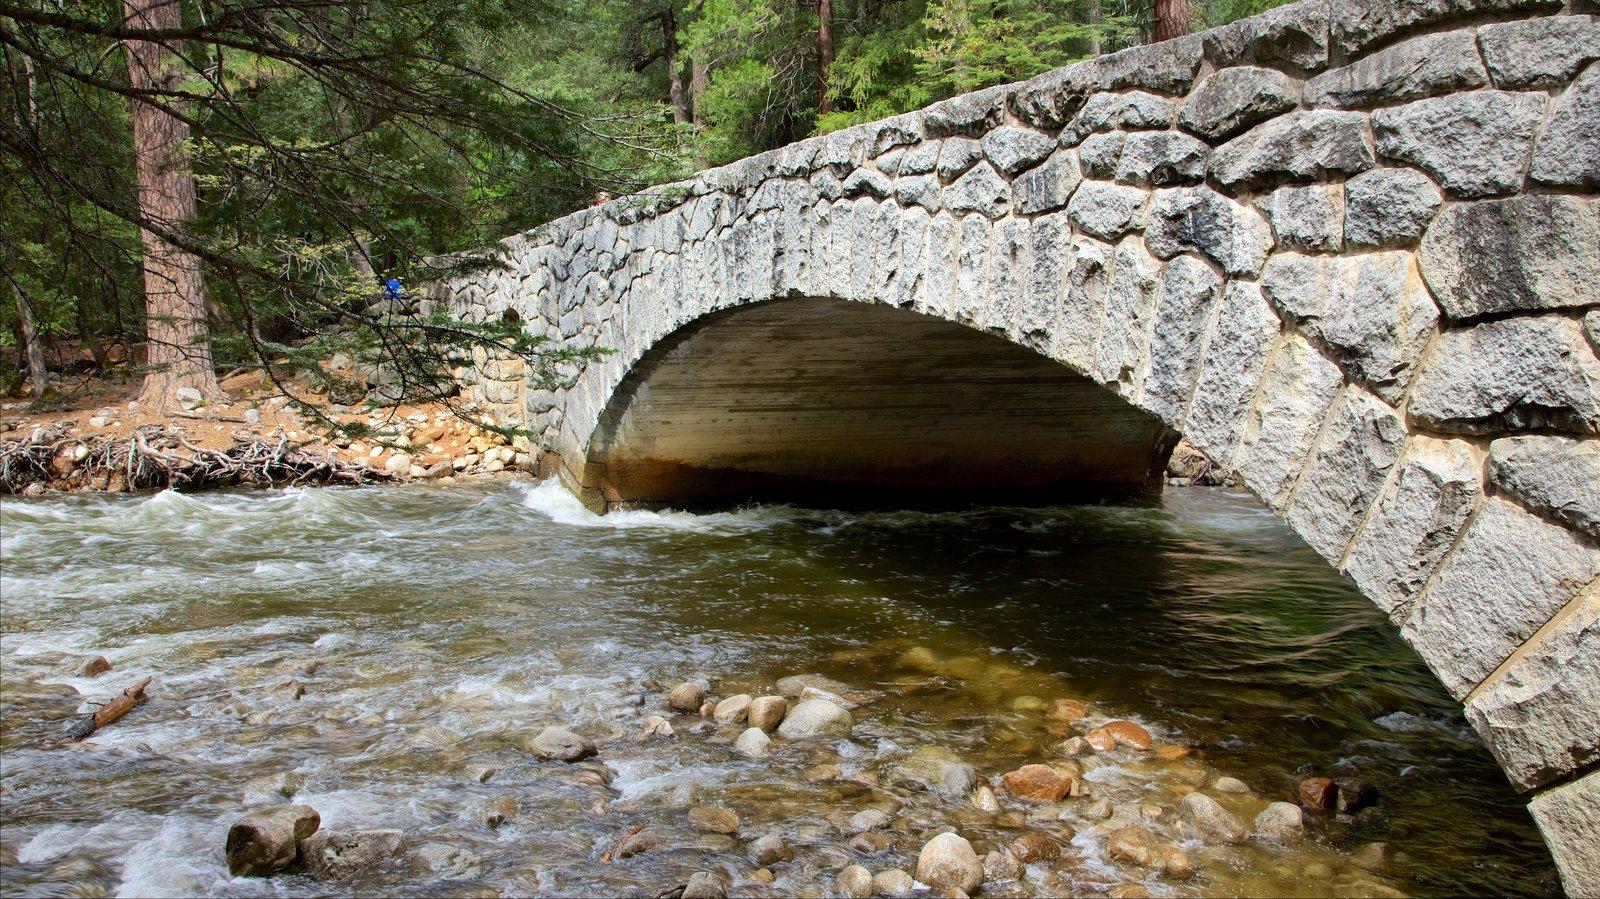 Parque Nacional Yosemite mostrando un río o arroyo, bosques y un puente